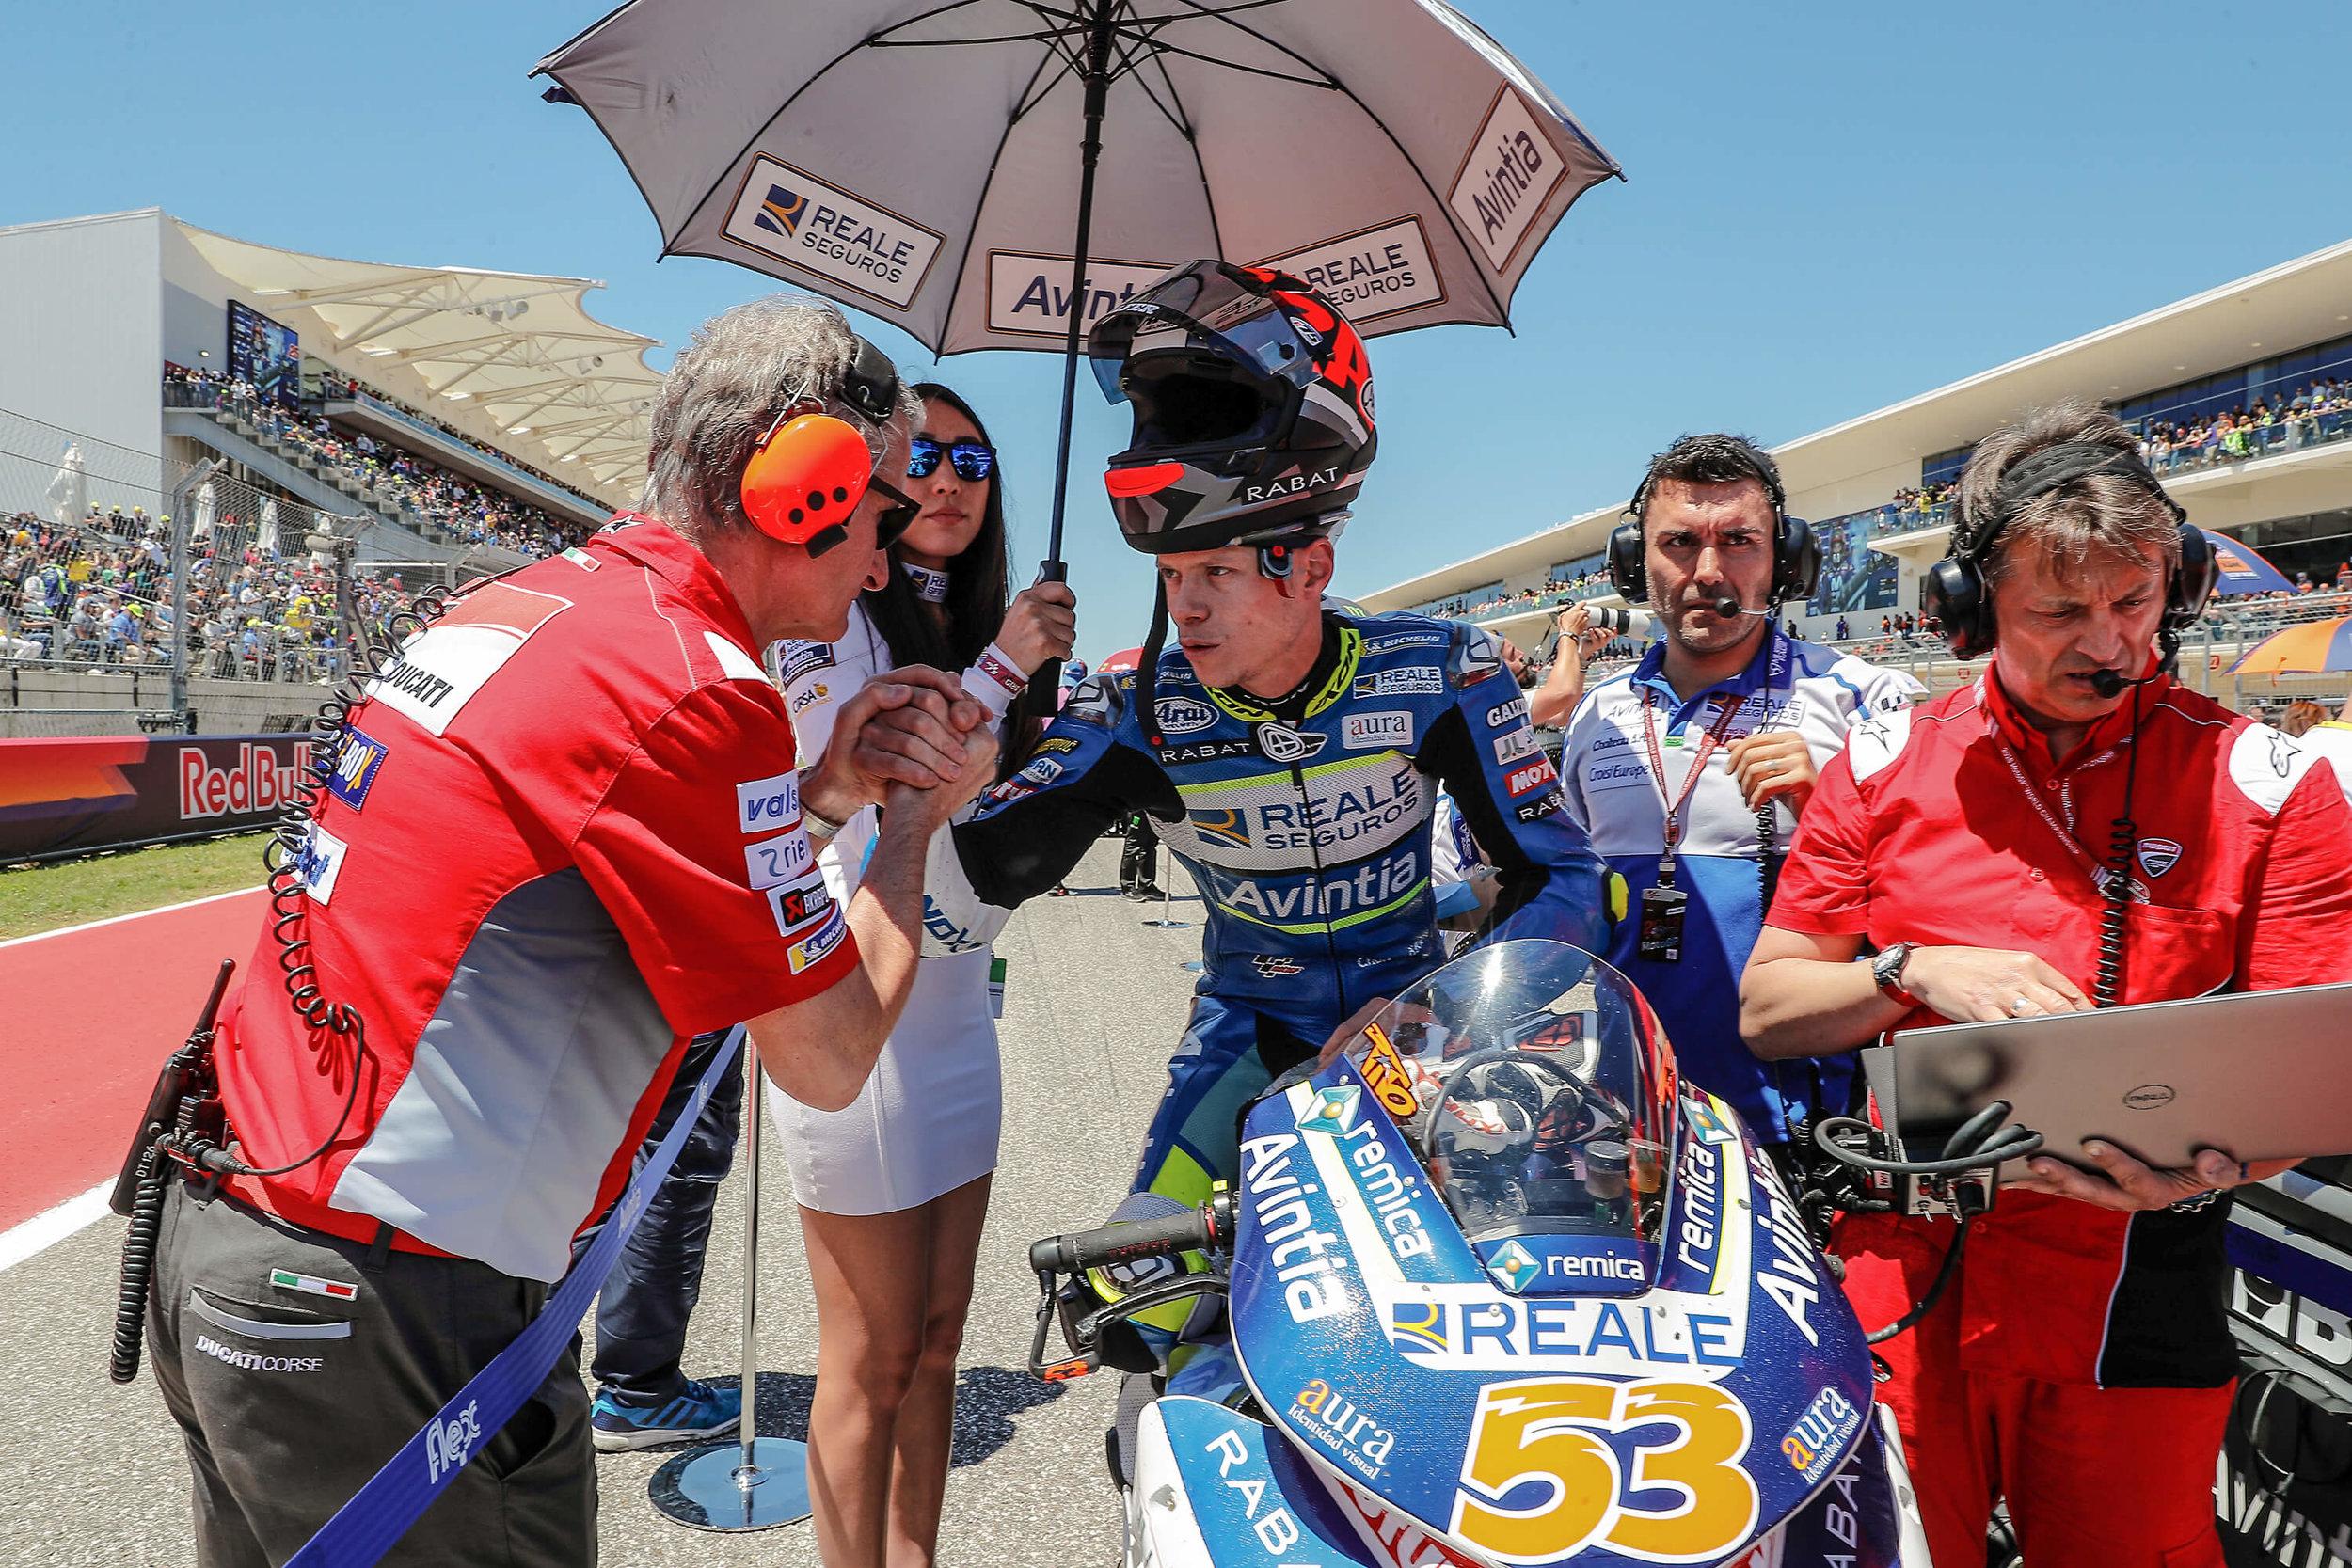 MotoGP_portfolio7.jpg